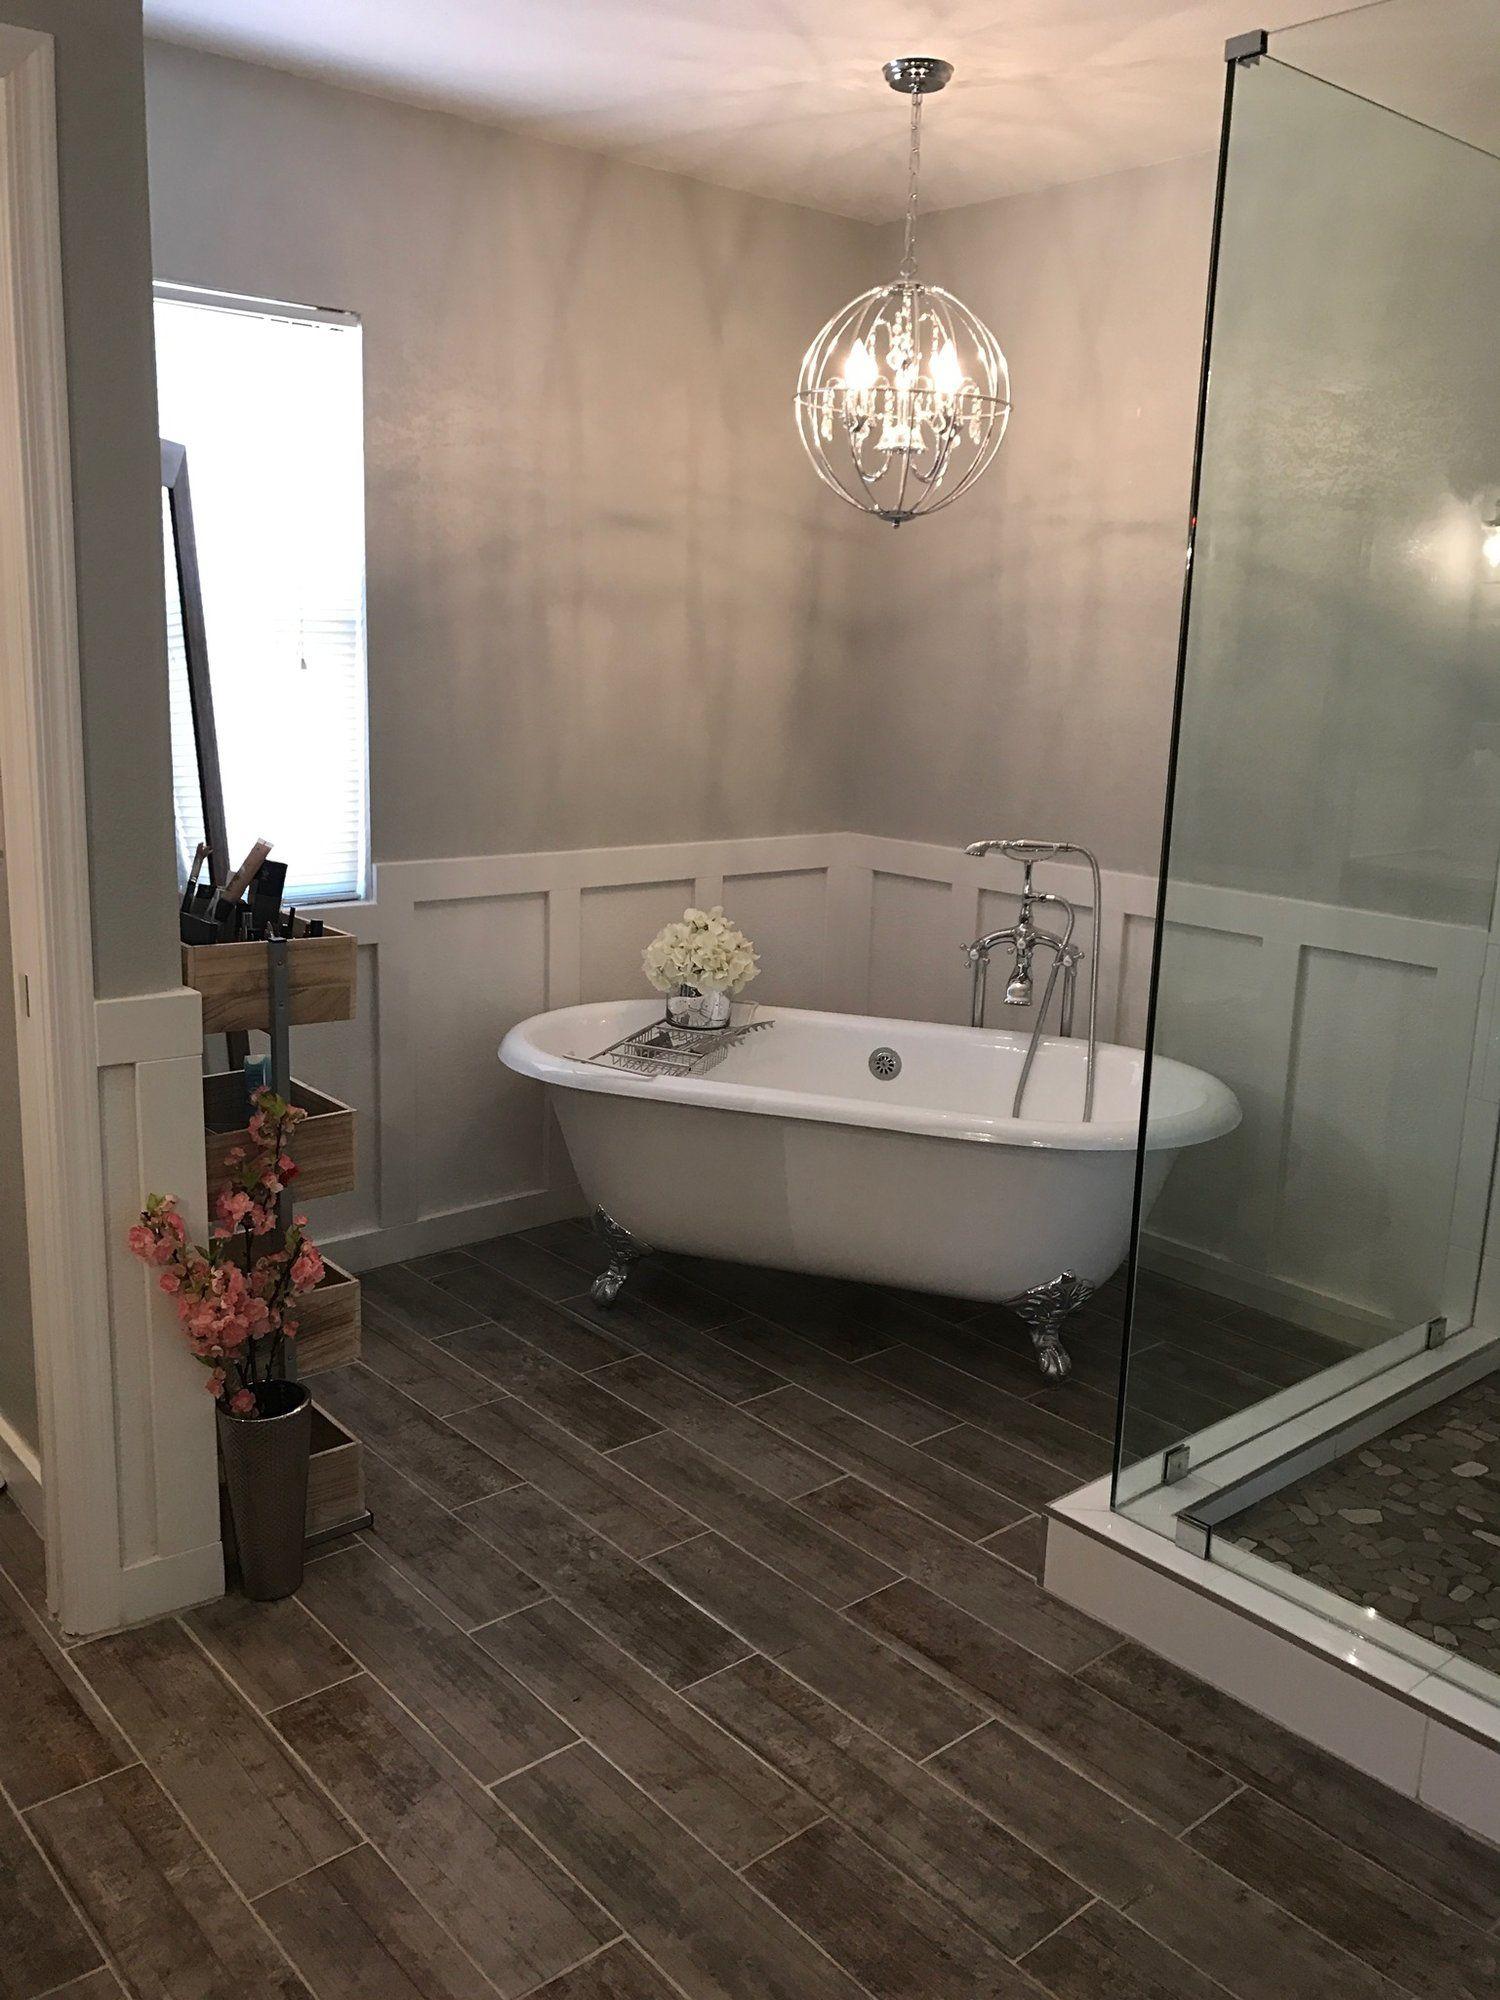 Clawfoot Tub, master bathroom, remodel, bathtub ...